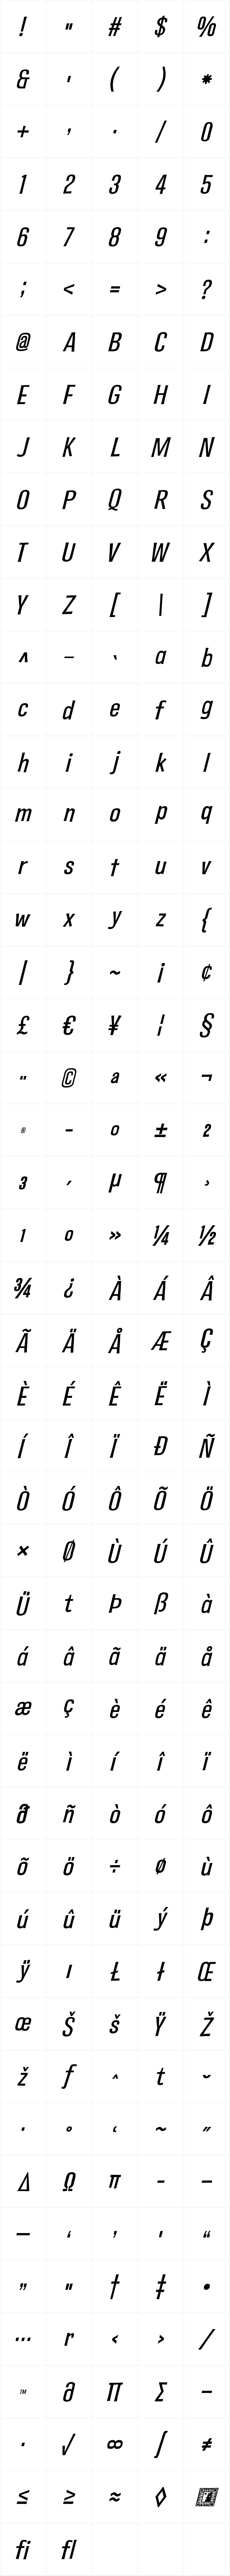 Fling a Ling Medium Italic